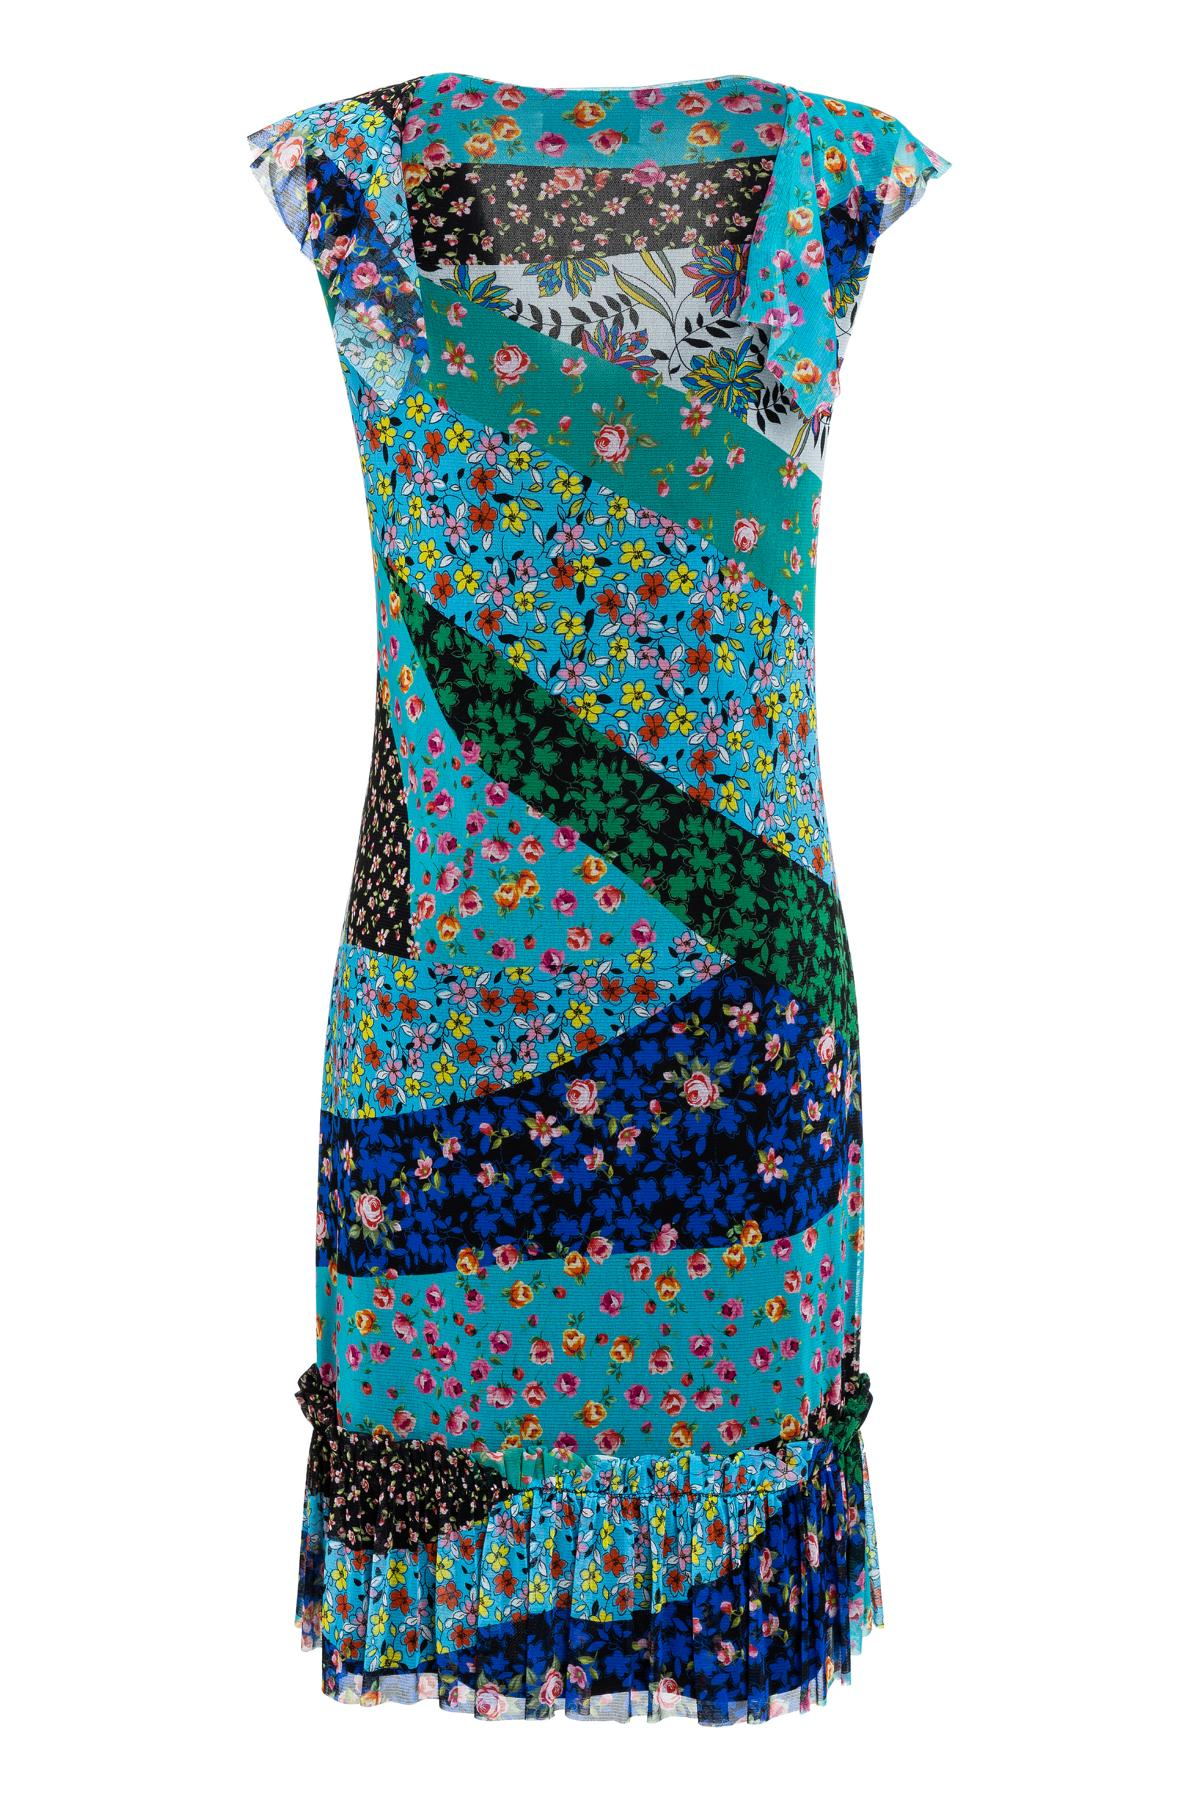 Detailansicht 2 von Ana Alcazar Romantikkleid Shyrane